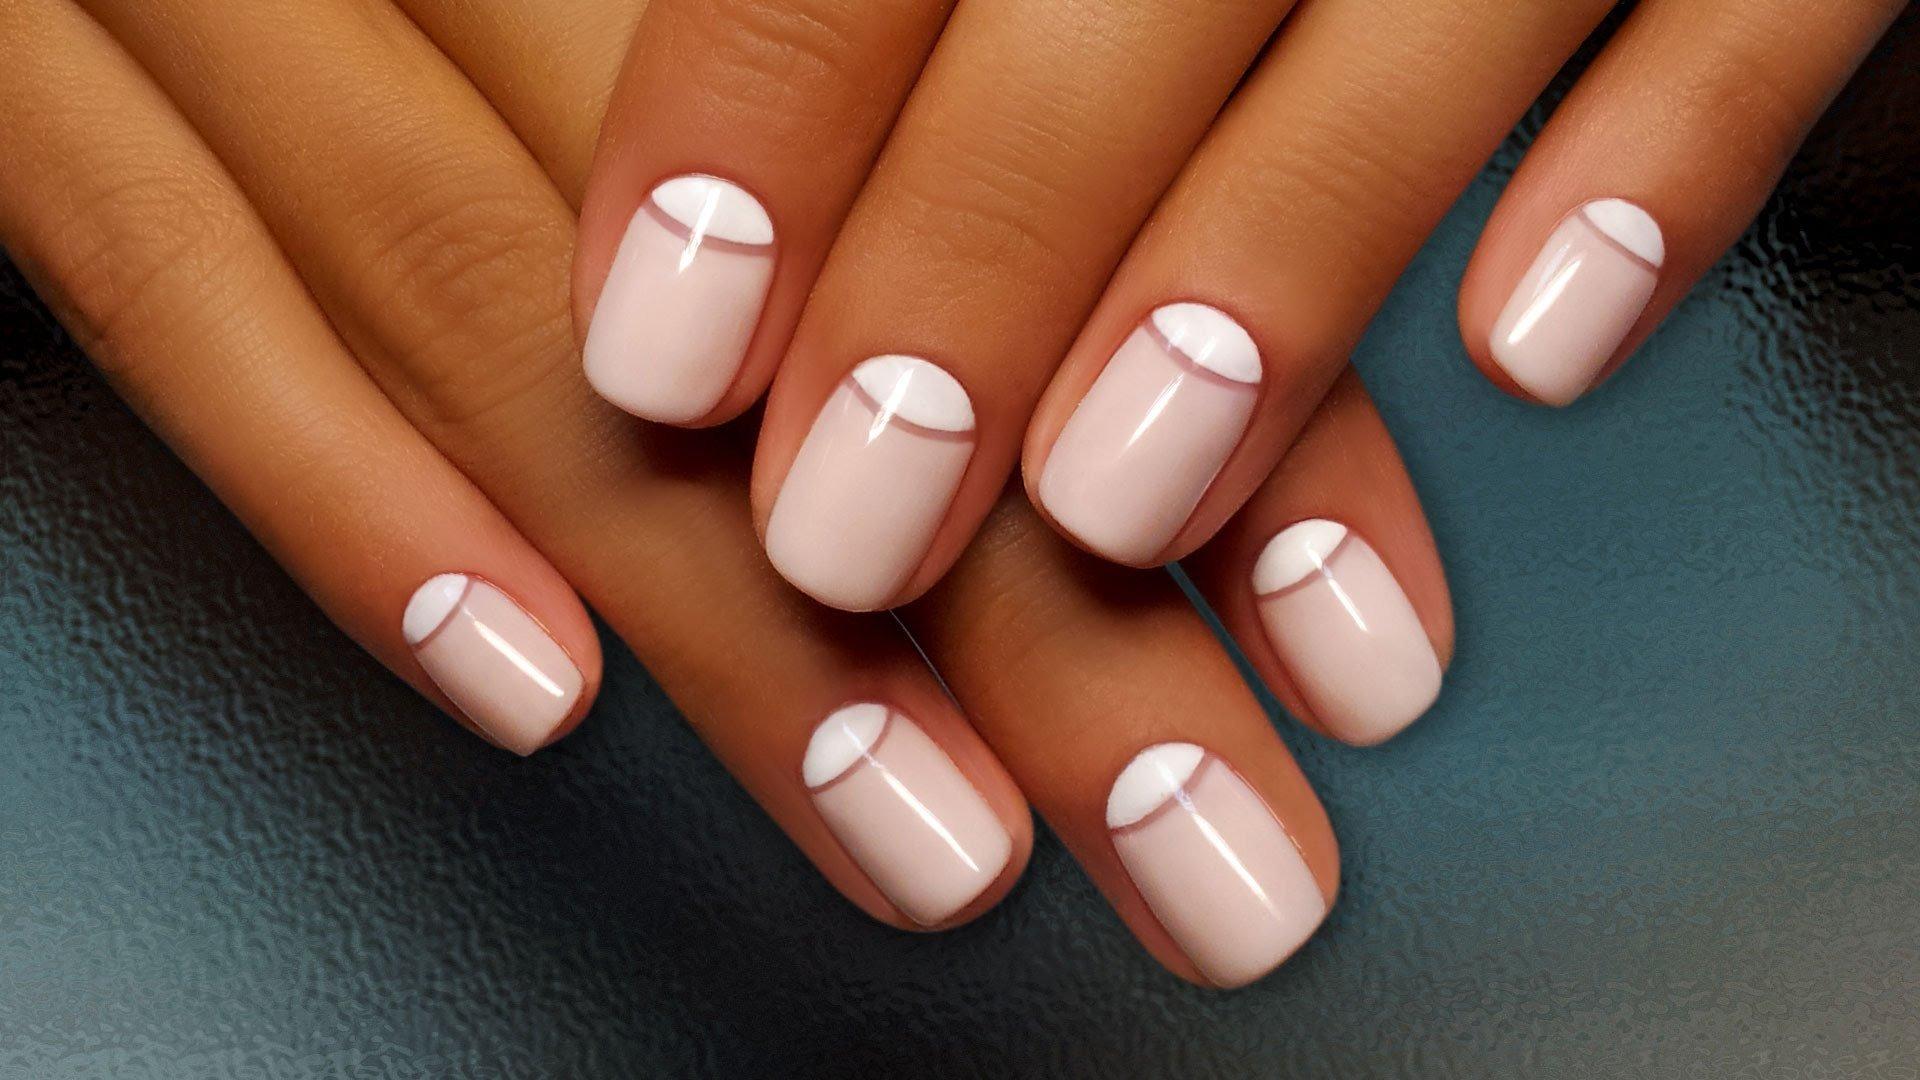 Nägel lackieren - einige Tipps für Nageldesigns - Nageldesign - ZENIDEEN